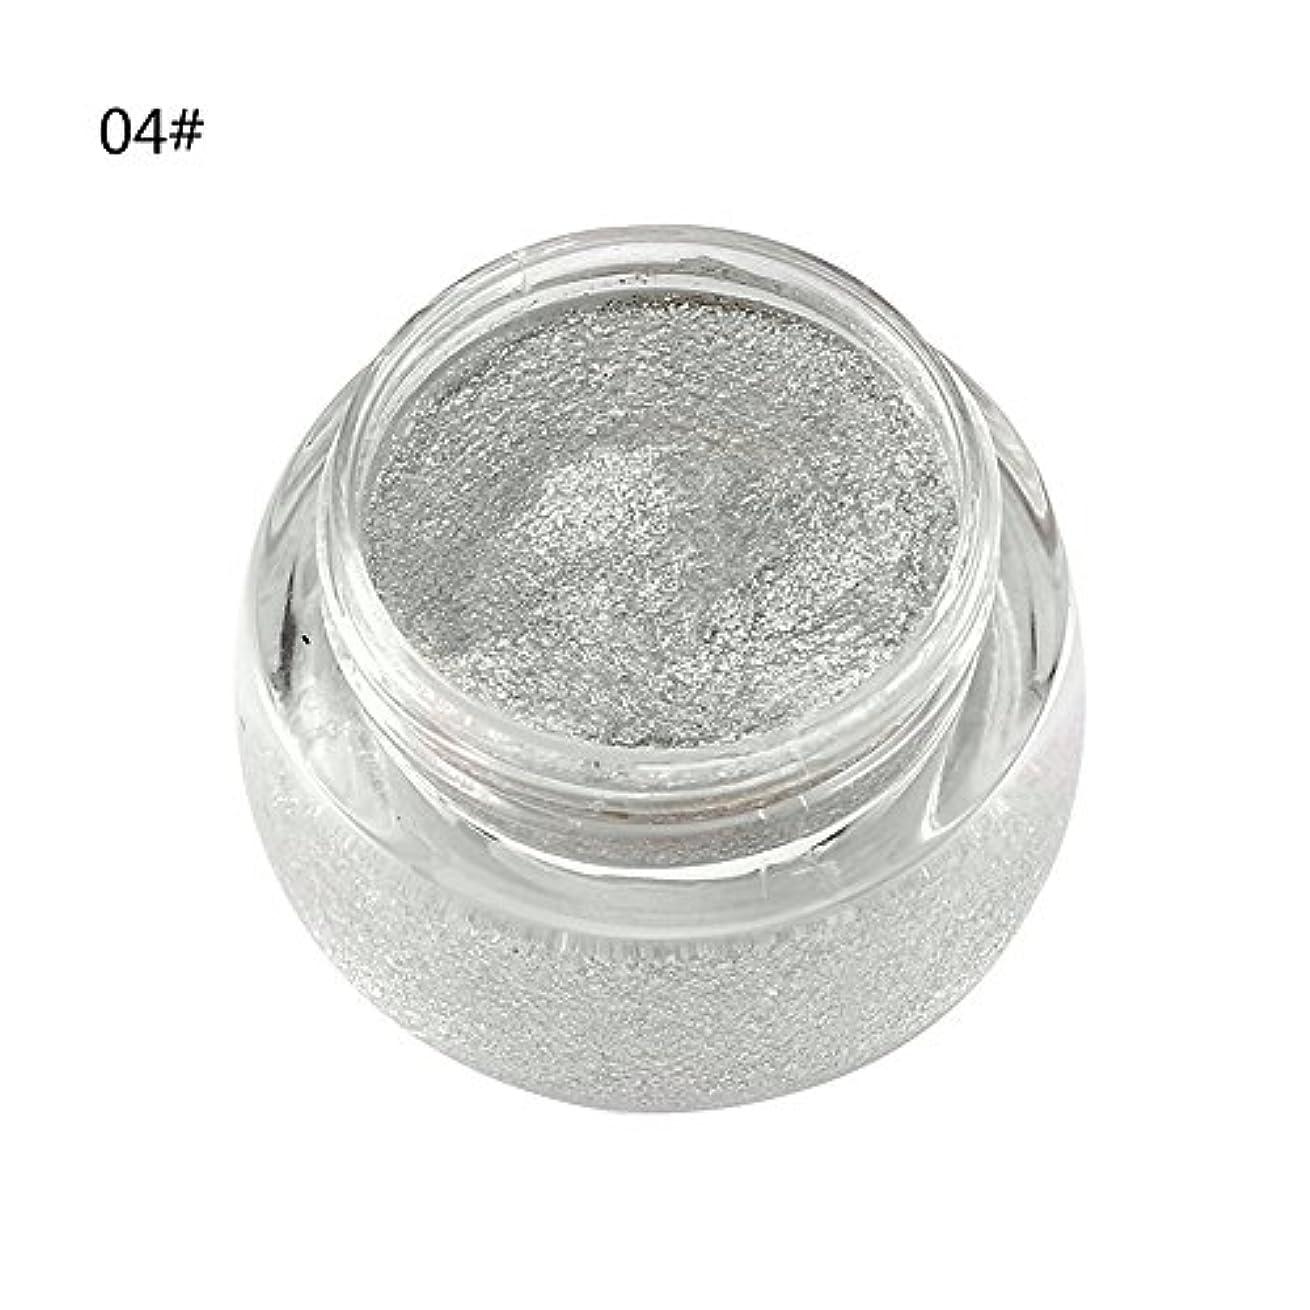 キャップ湖軽くアイシャドウ 単色 化粧品 光沢 保湿 キラキラ 美しい タイプ 04